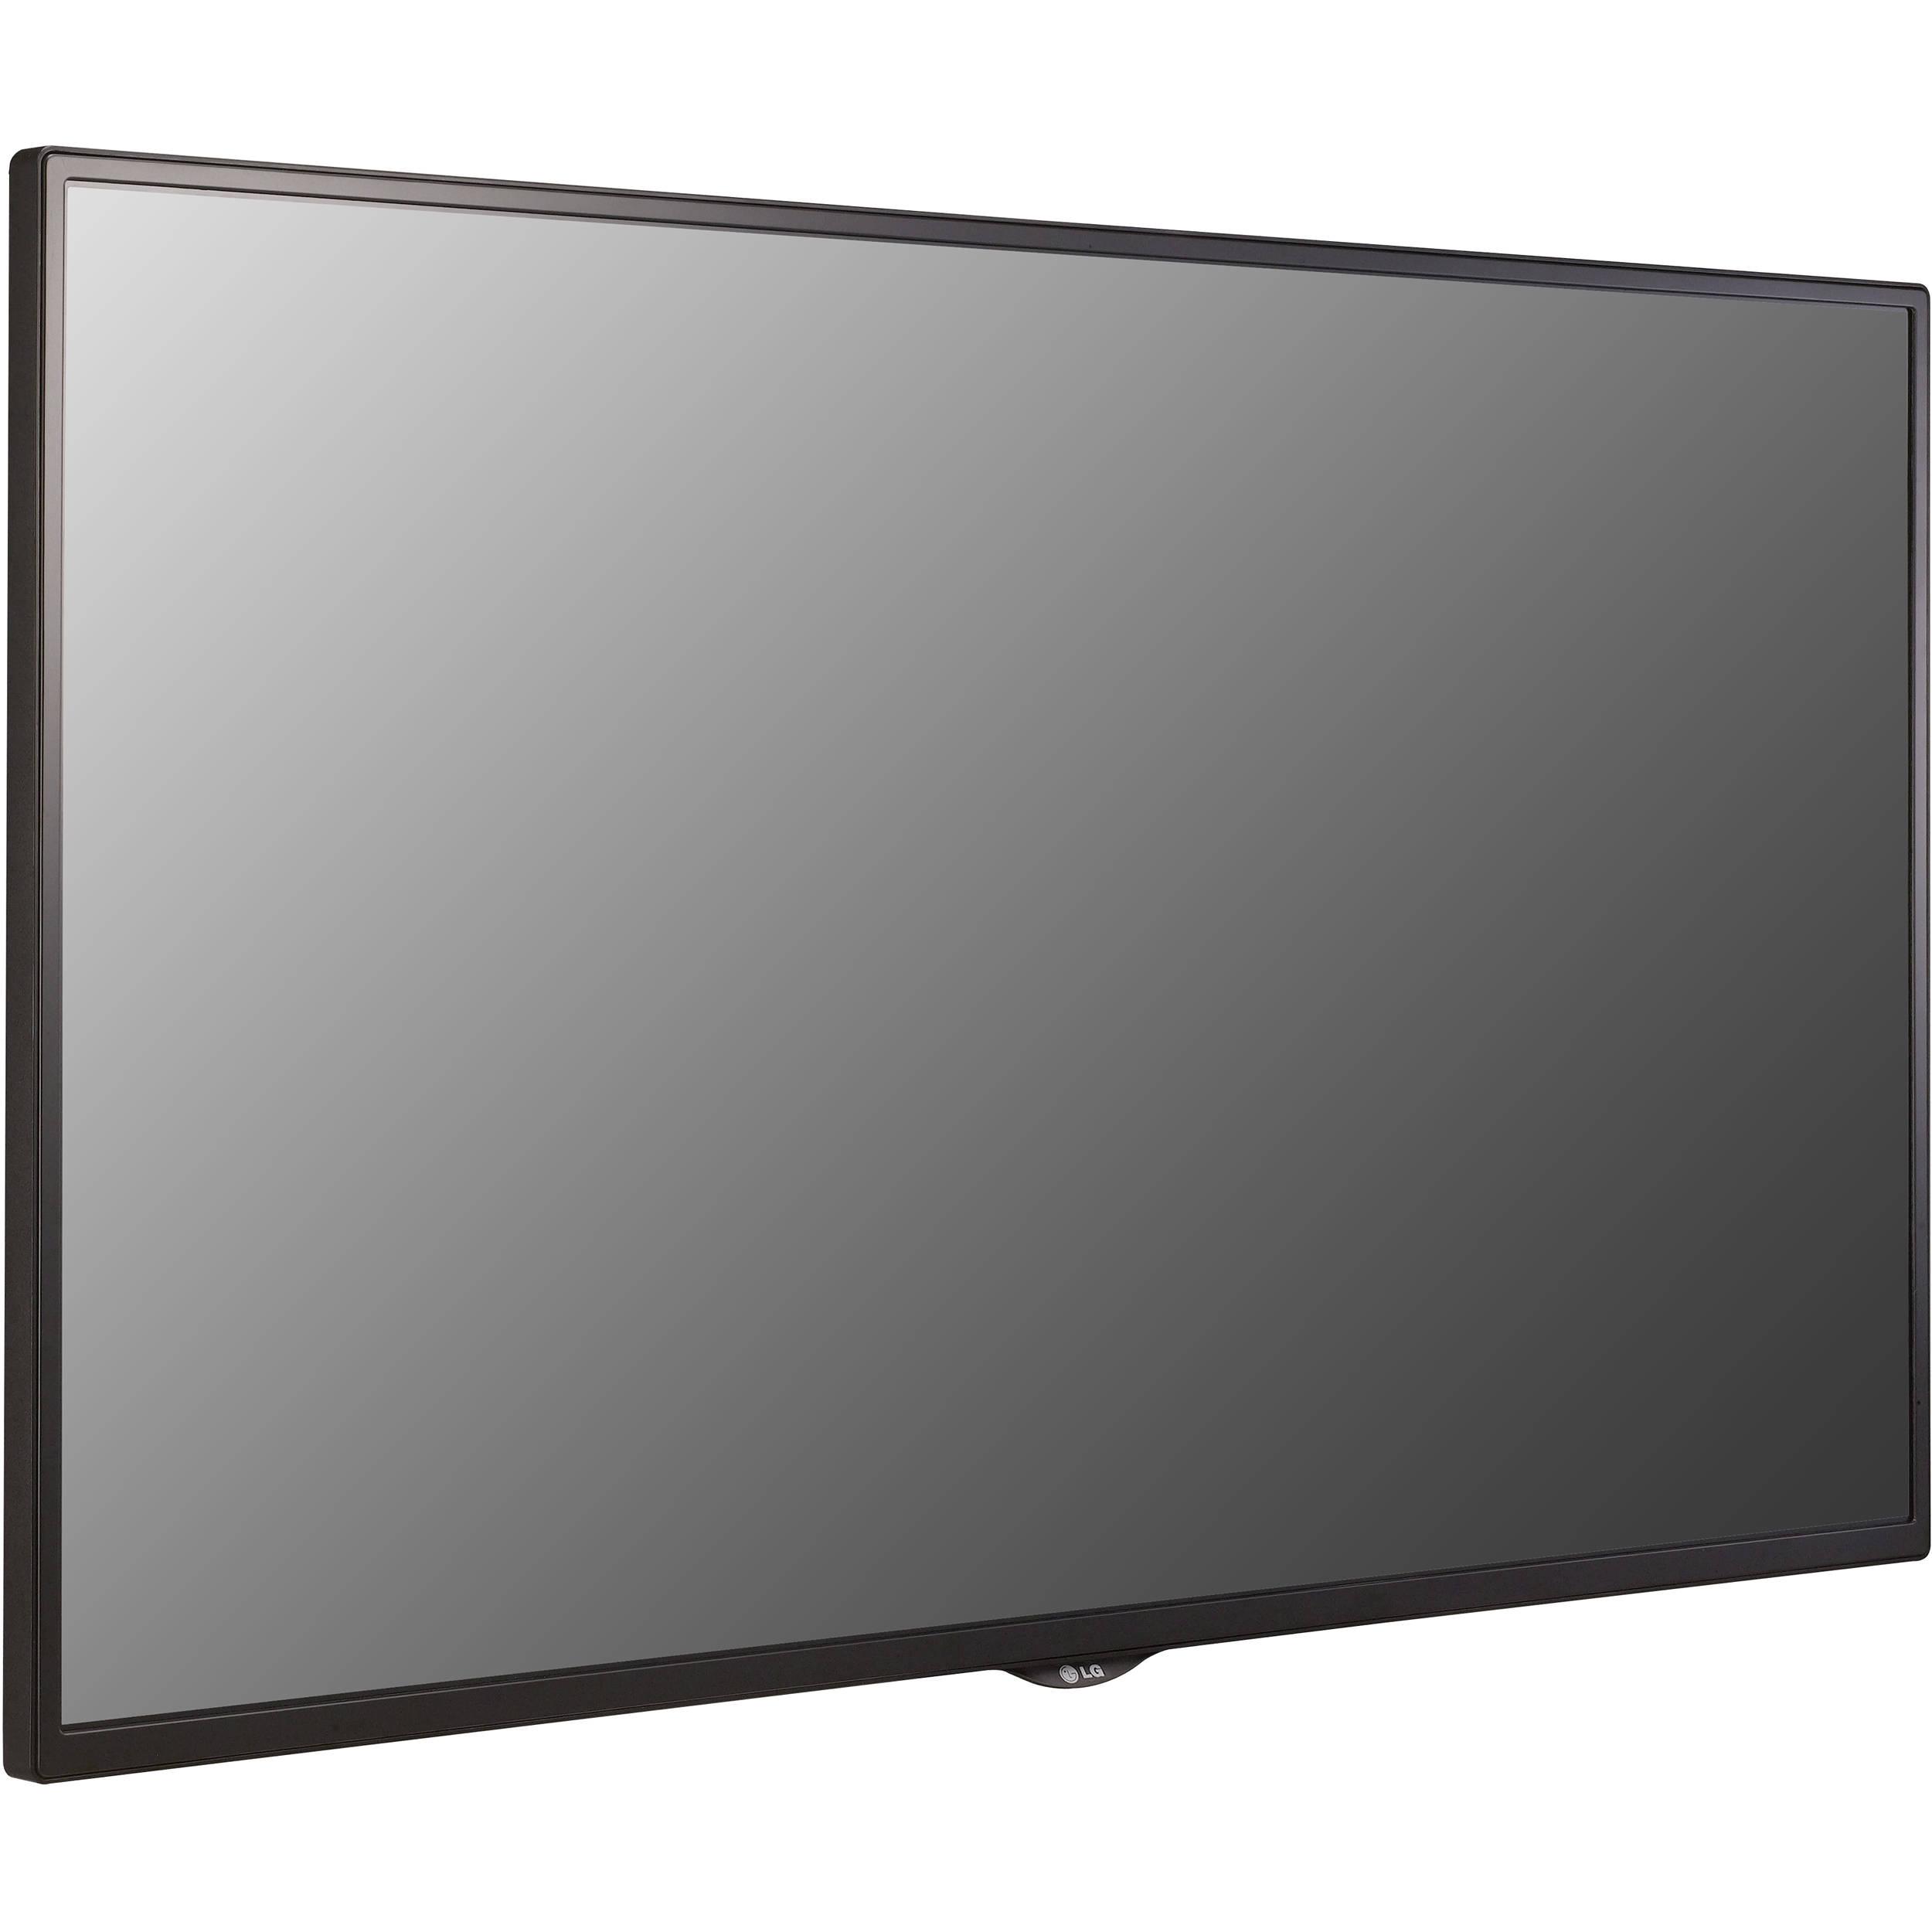 """LG 55SE3KB 55"""" Full HD Edge-Lit LED Monitor 55SE3KB-B B&H"""